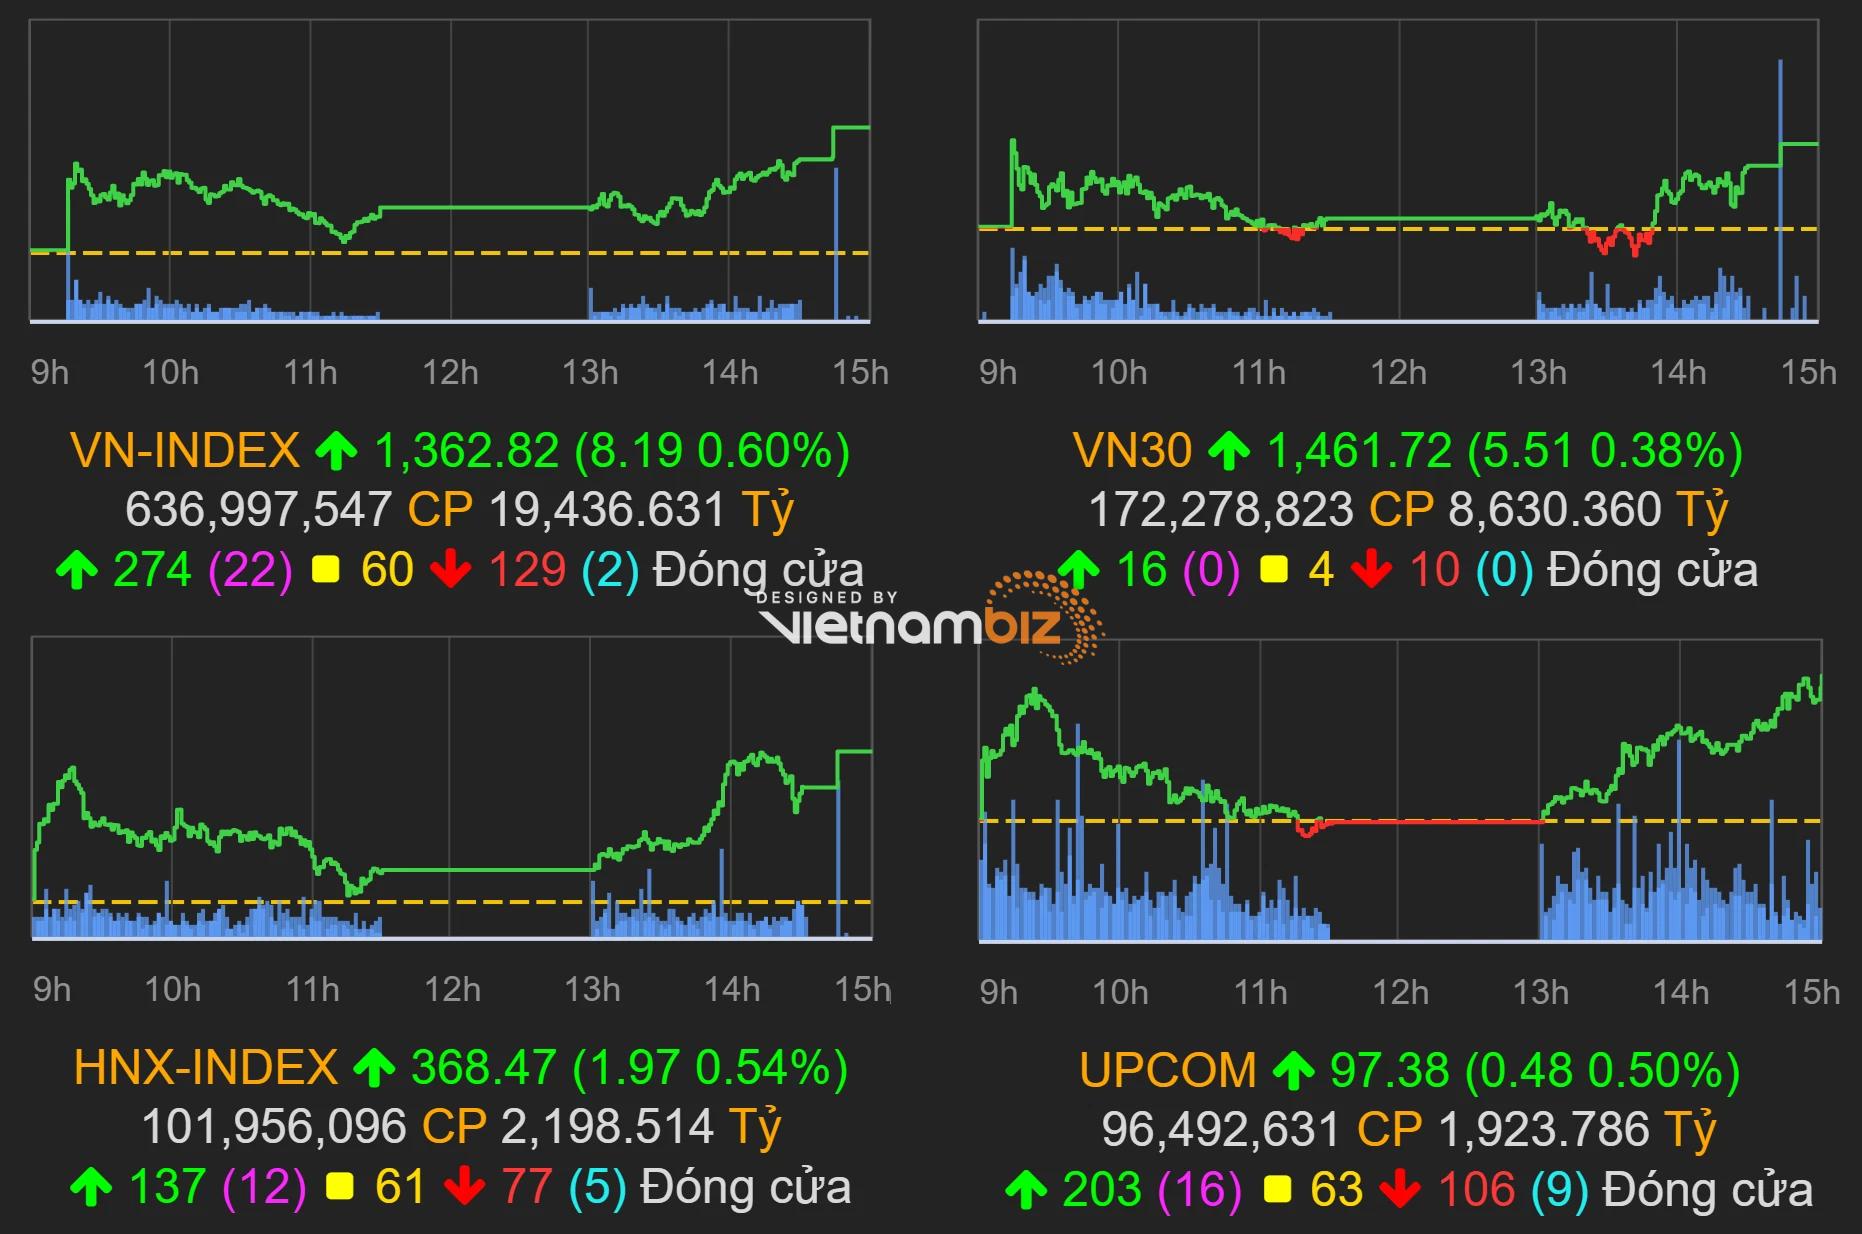 Thị trường chứng khoán (6/10): Nhóm vốn hóa lớn bứt phá mạnh mẽ, VN-Index thành công vượt 1.360 điểm - Ảnh 1.